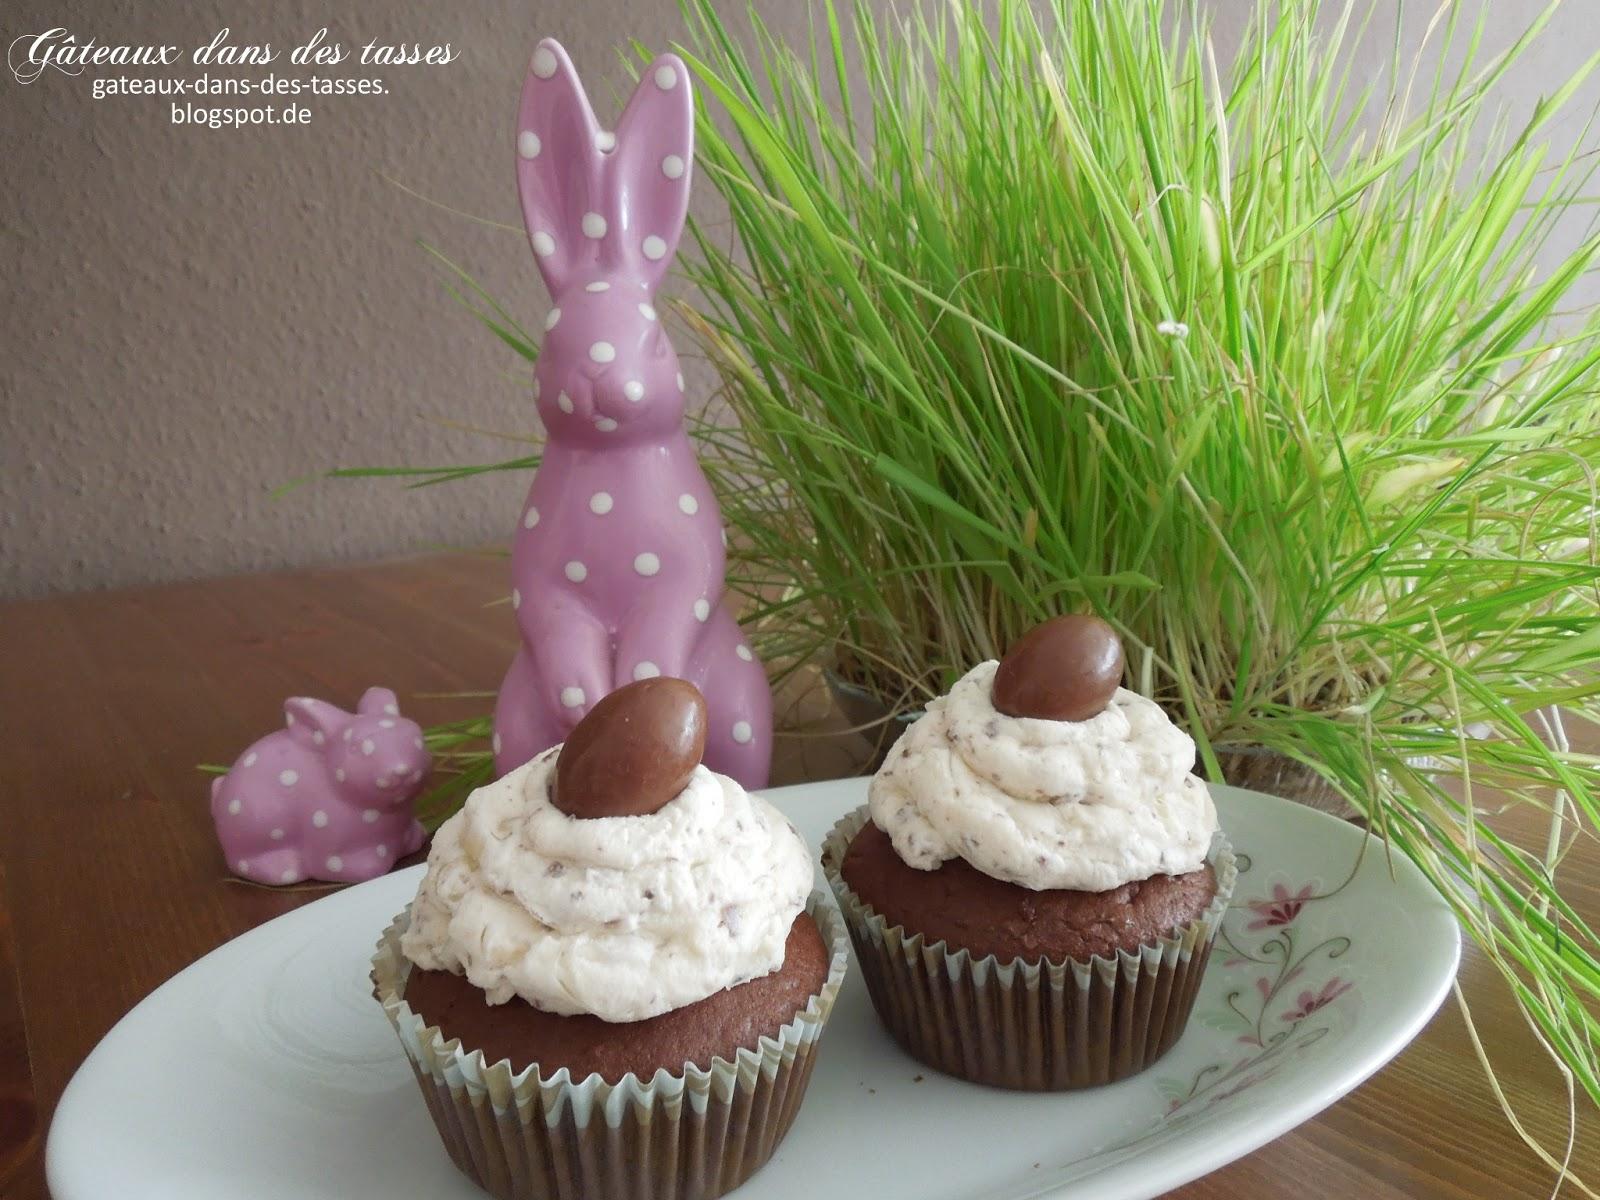 kinderschokolade cupcakes g teaux dans des tasses. Black Bedroom Furniture Sets. Home Design Ideas